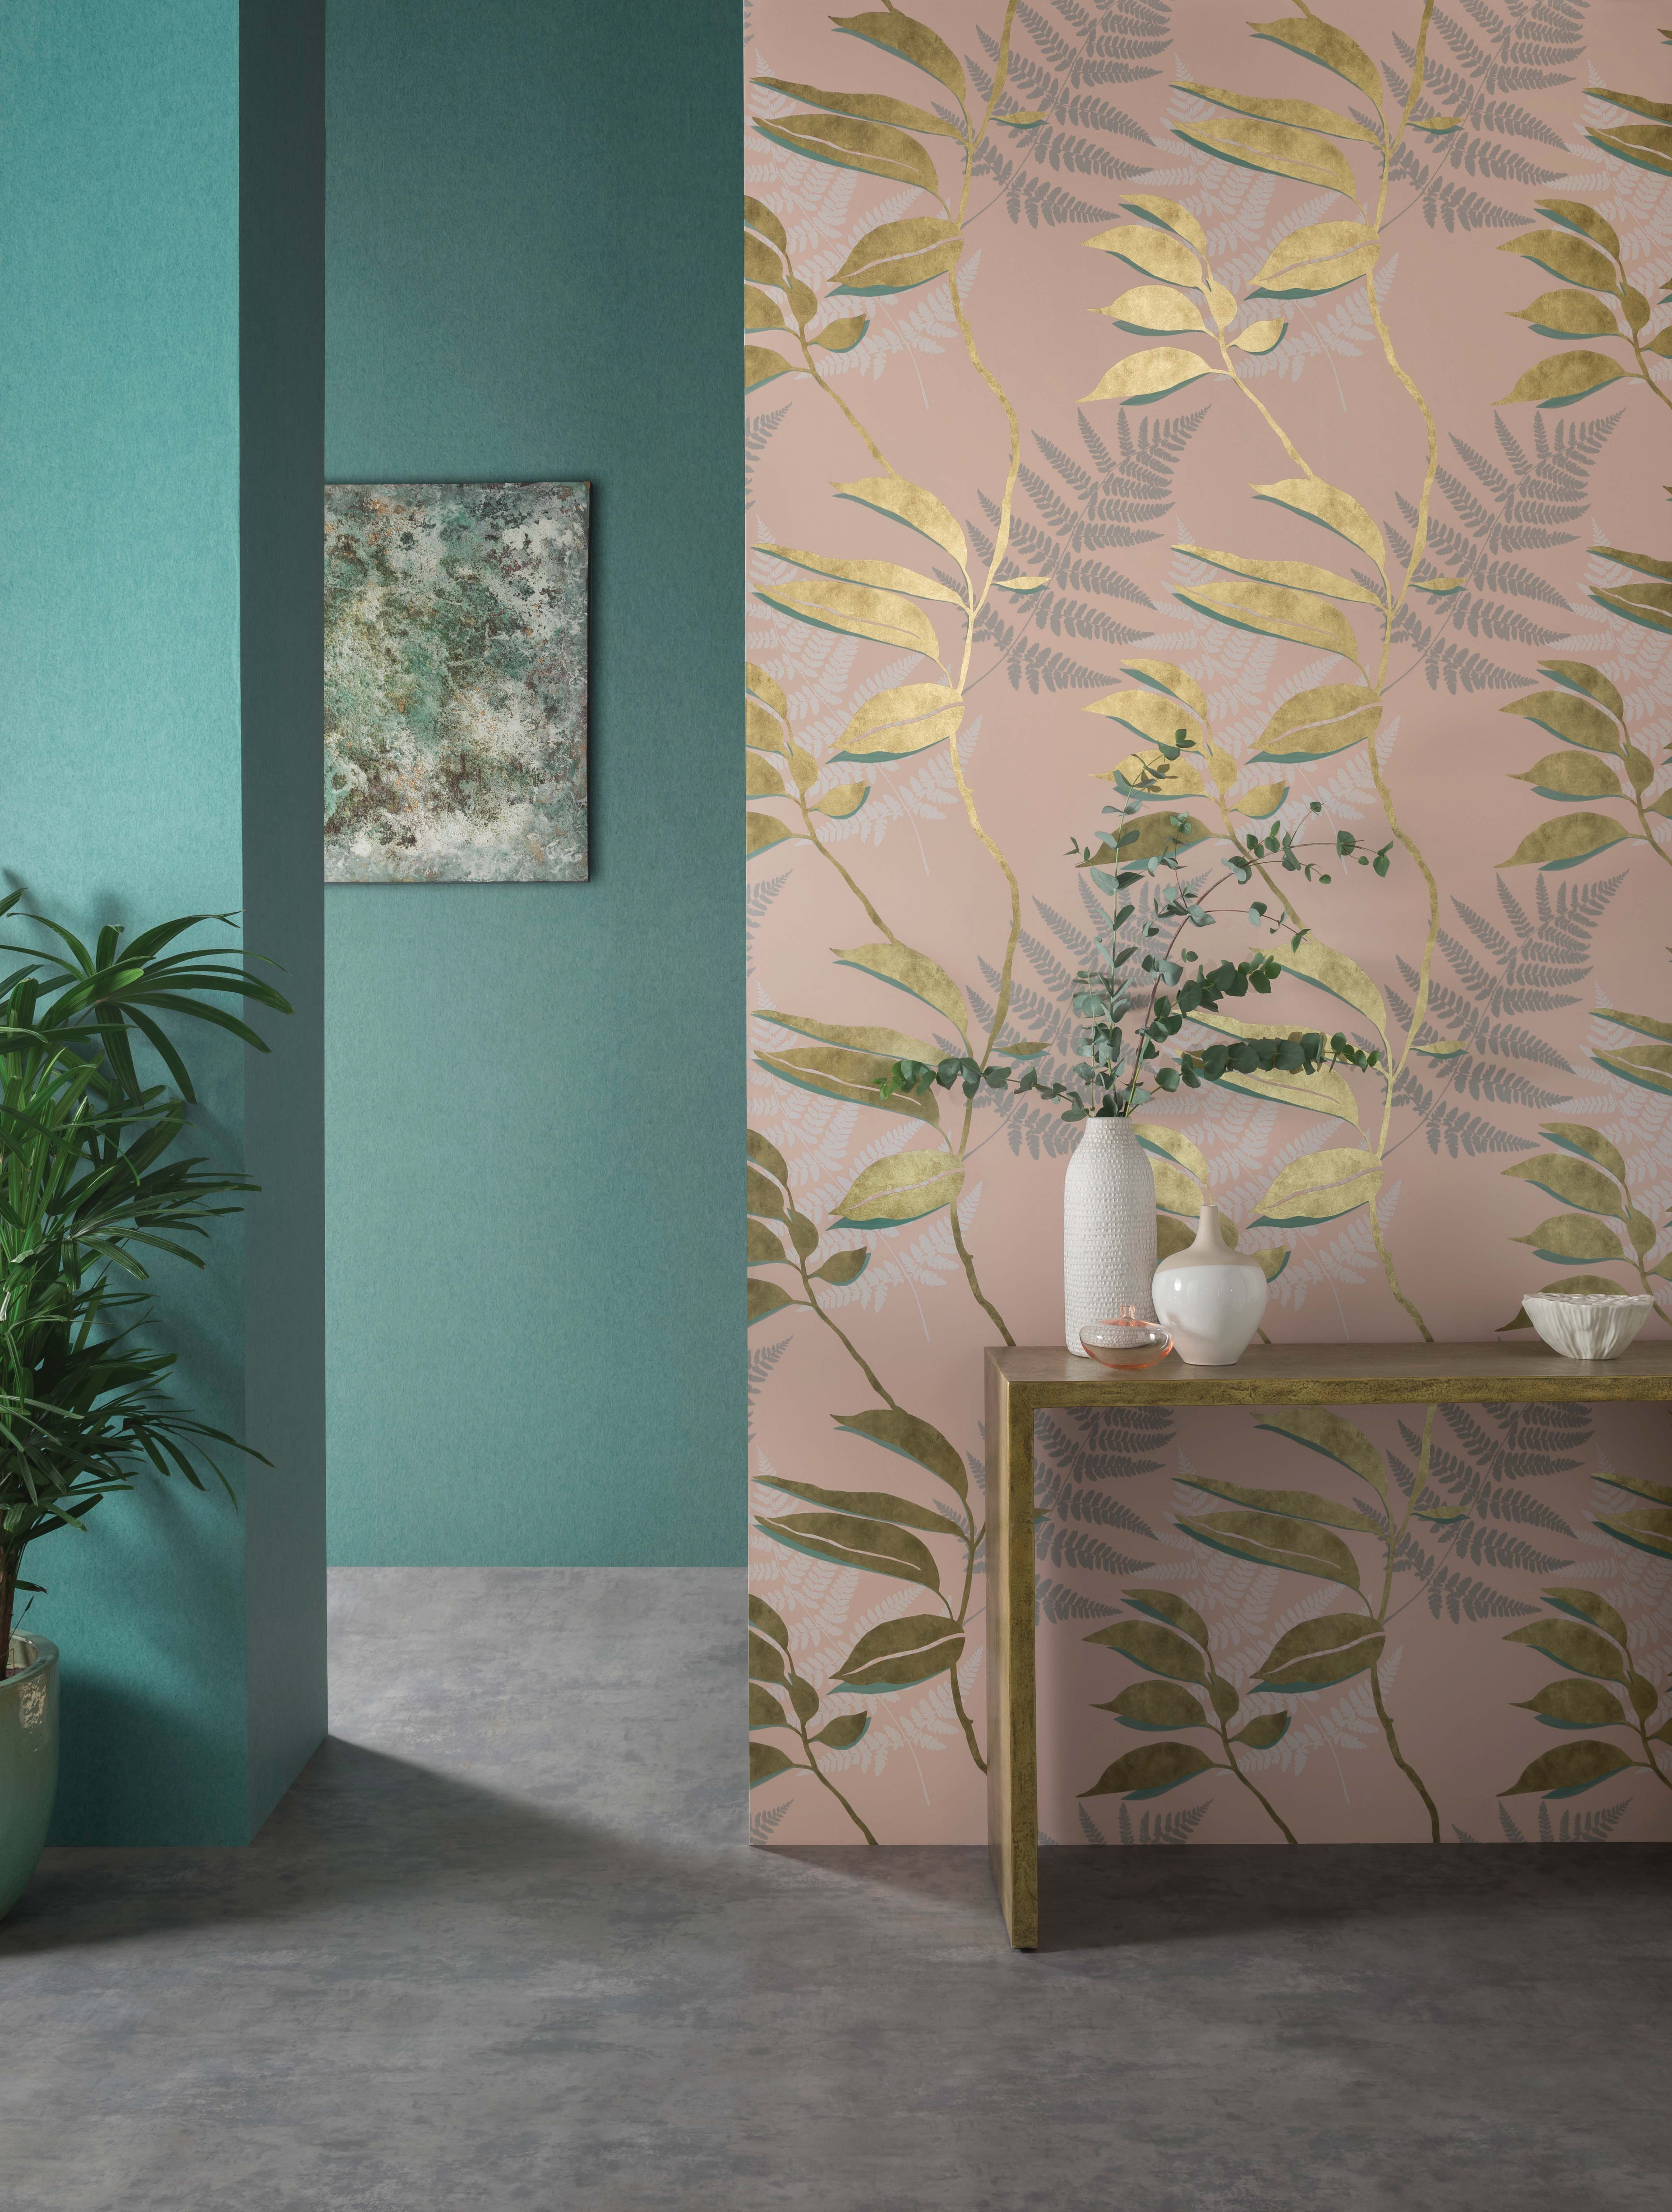 Feuille Dor Wallpaper By Osborne Little Osborne And Little Wallpaper Gold Wallpaper Osborne Little